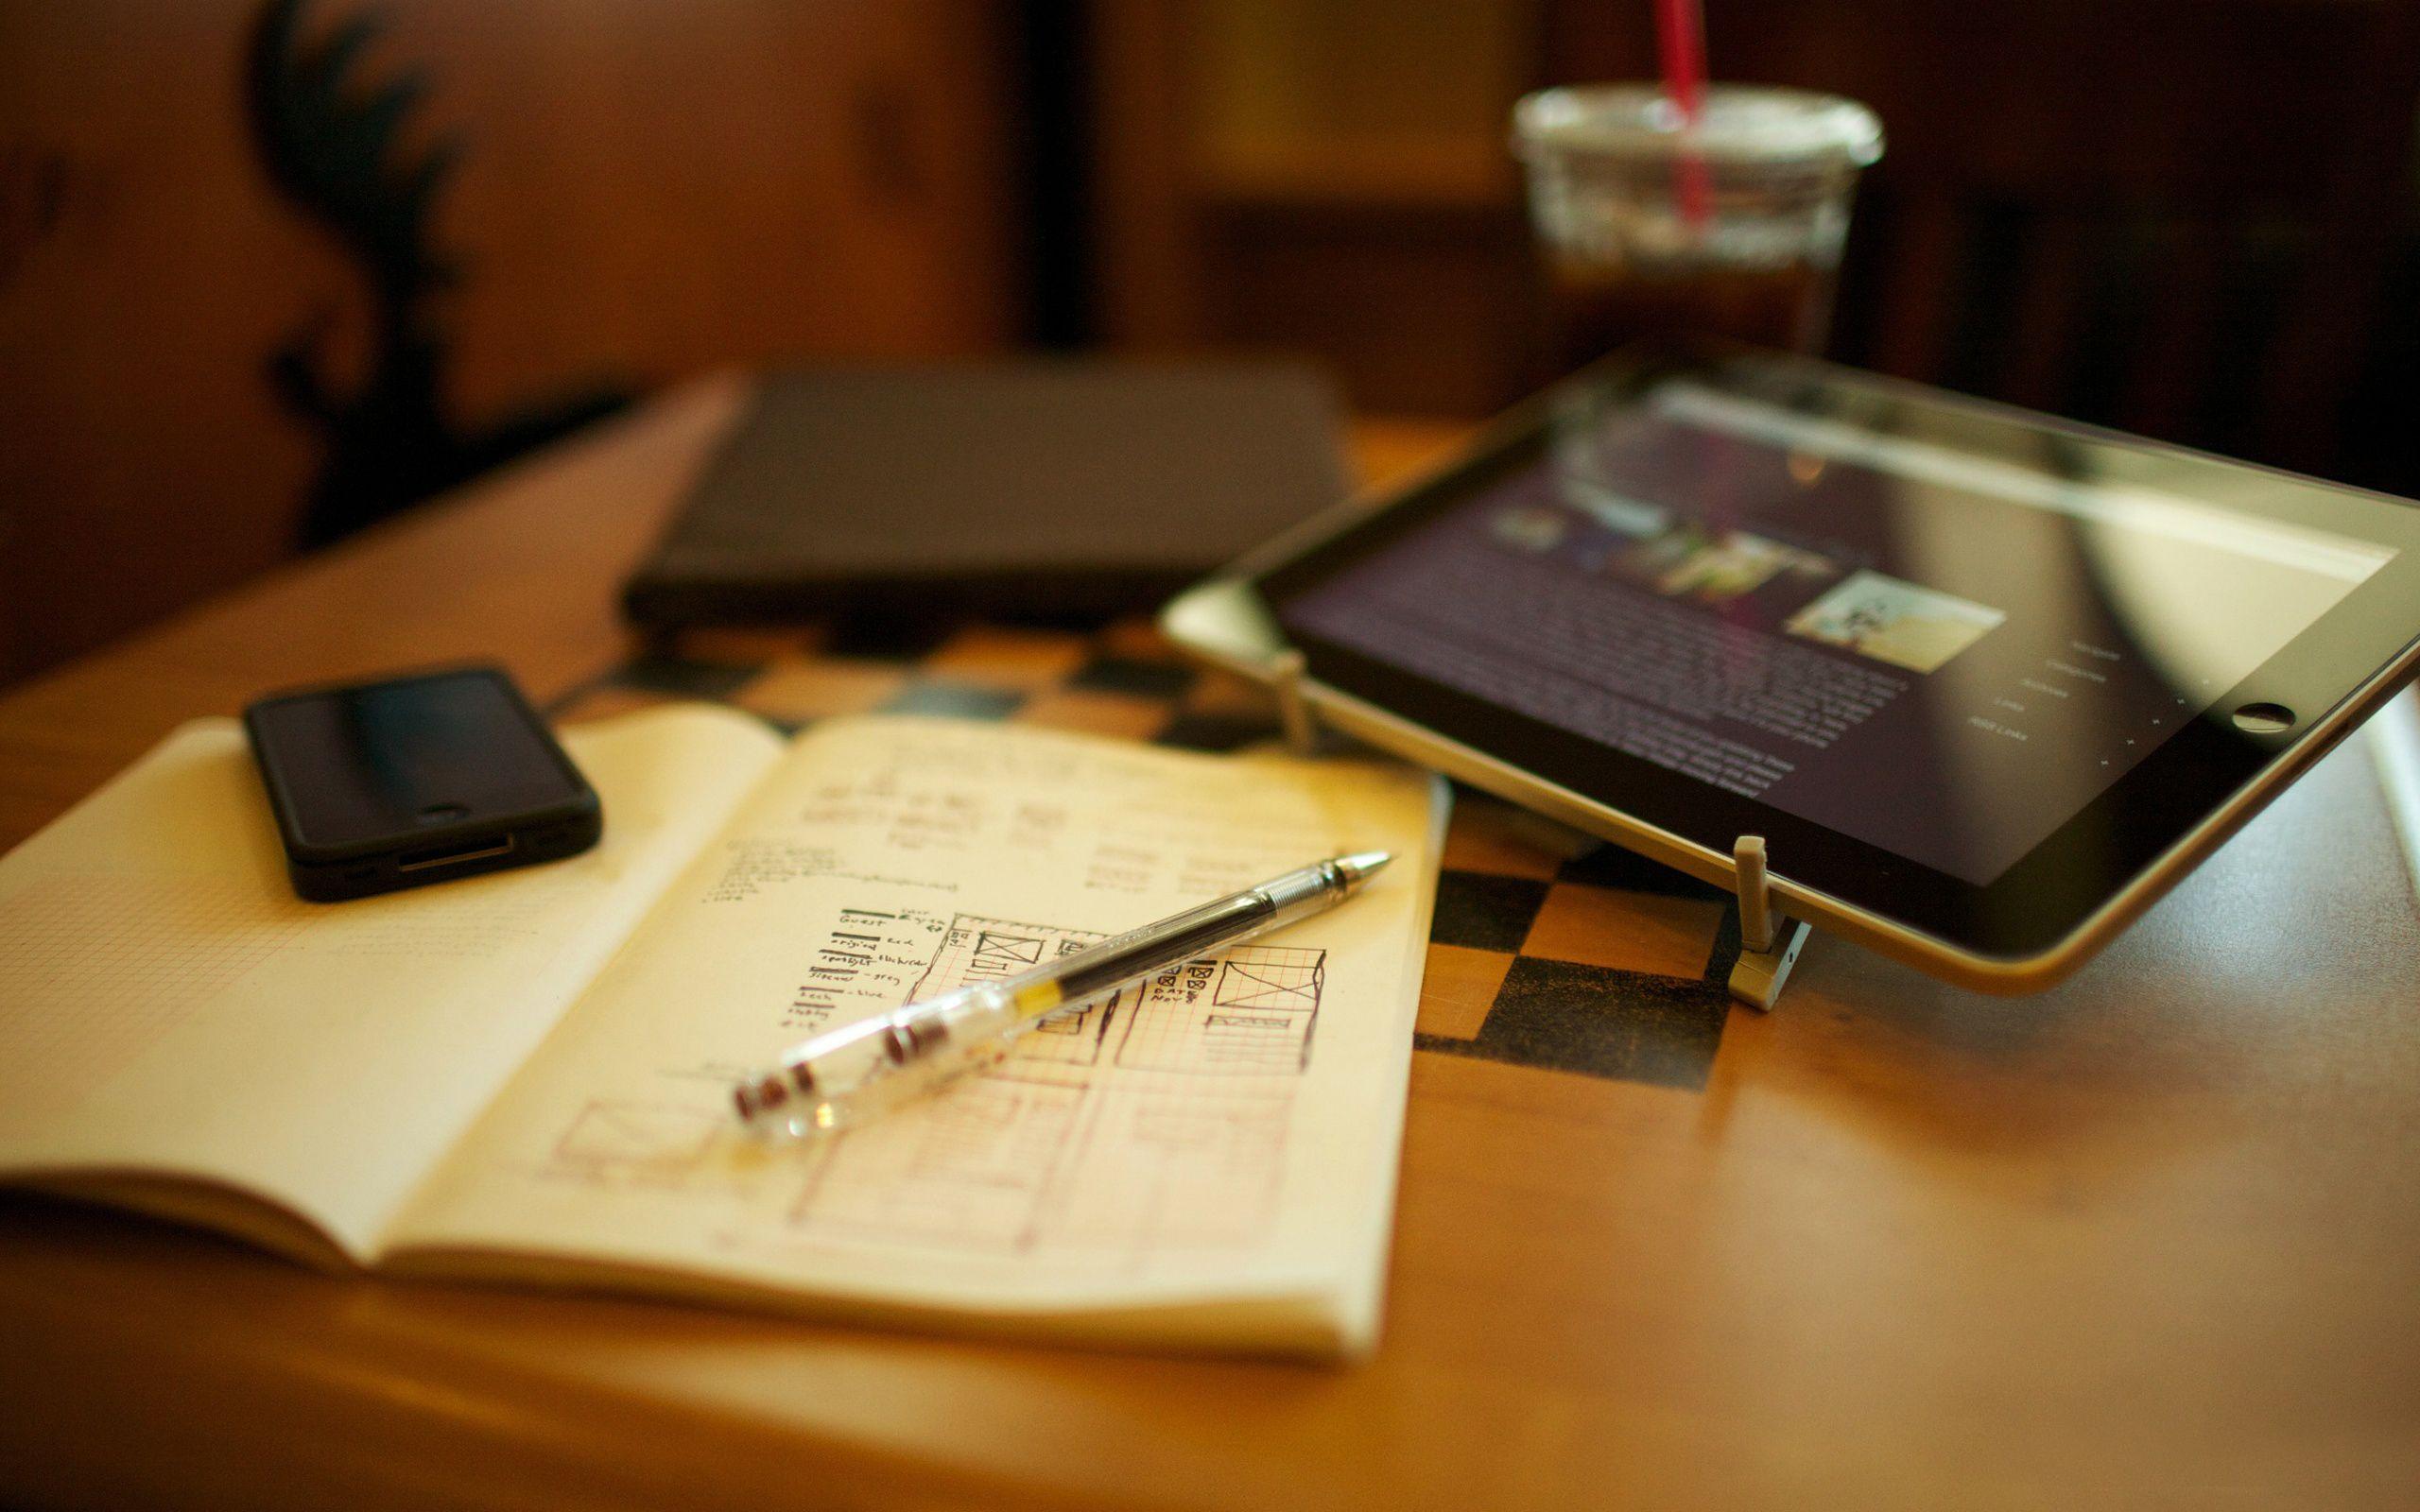 study time desktop wallpaper